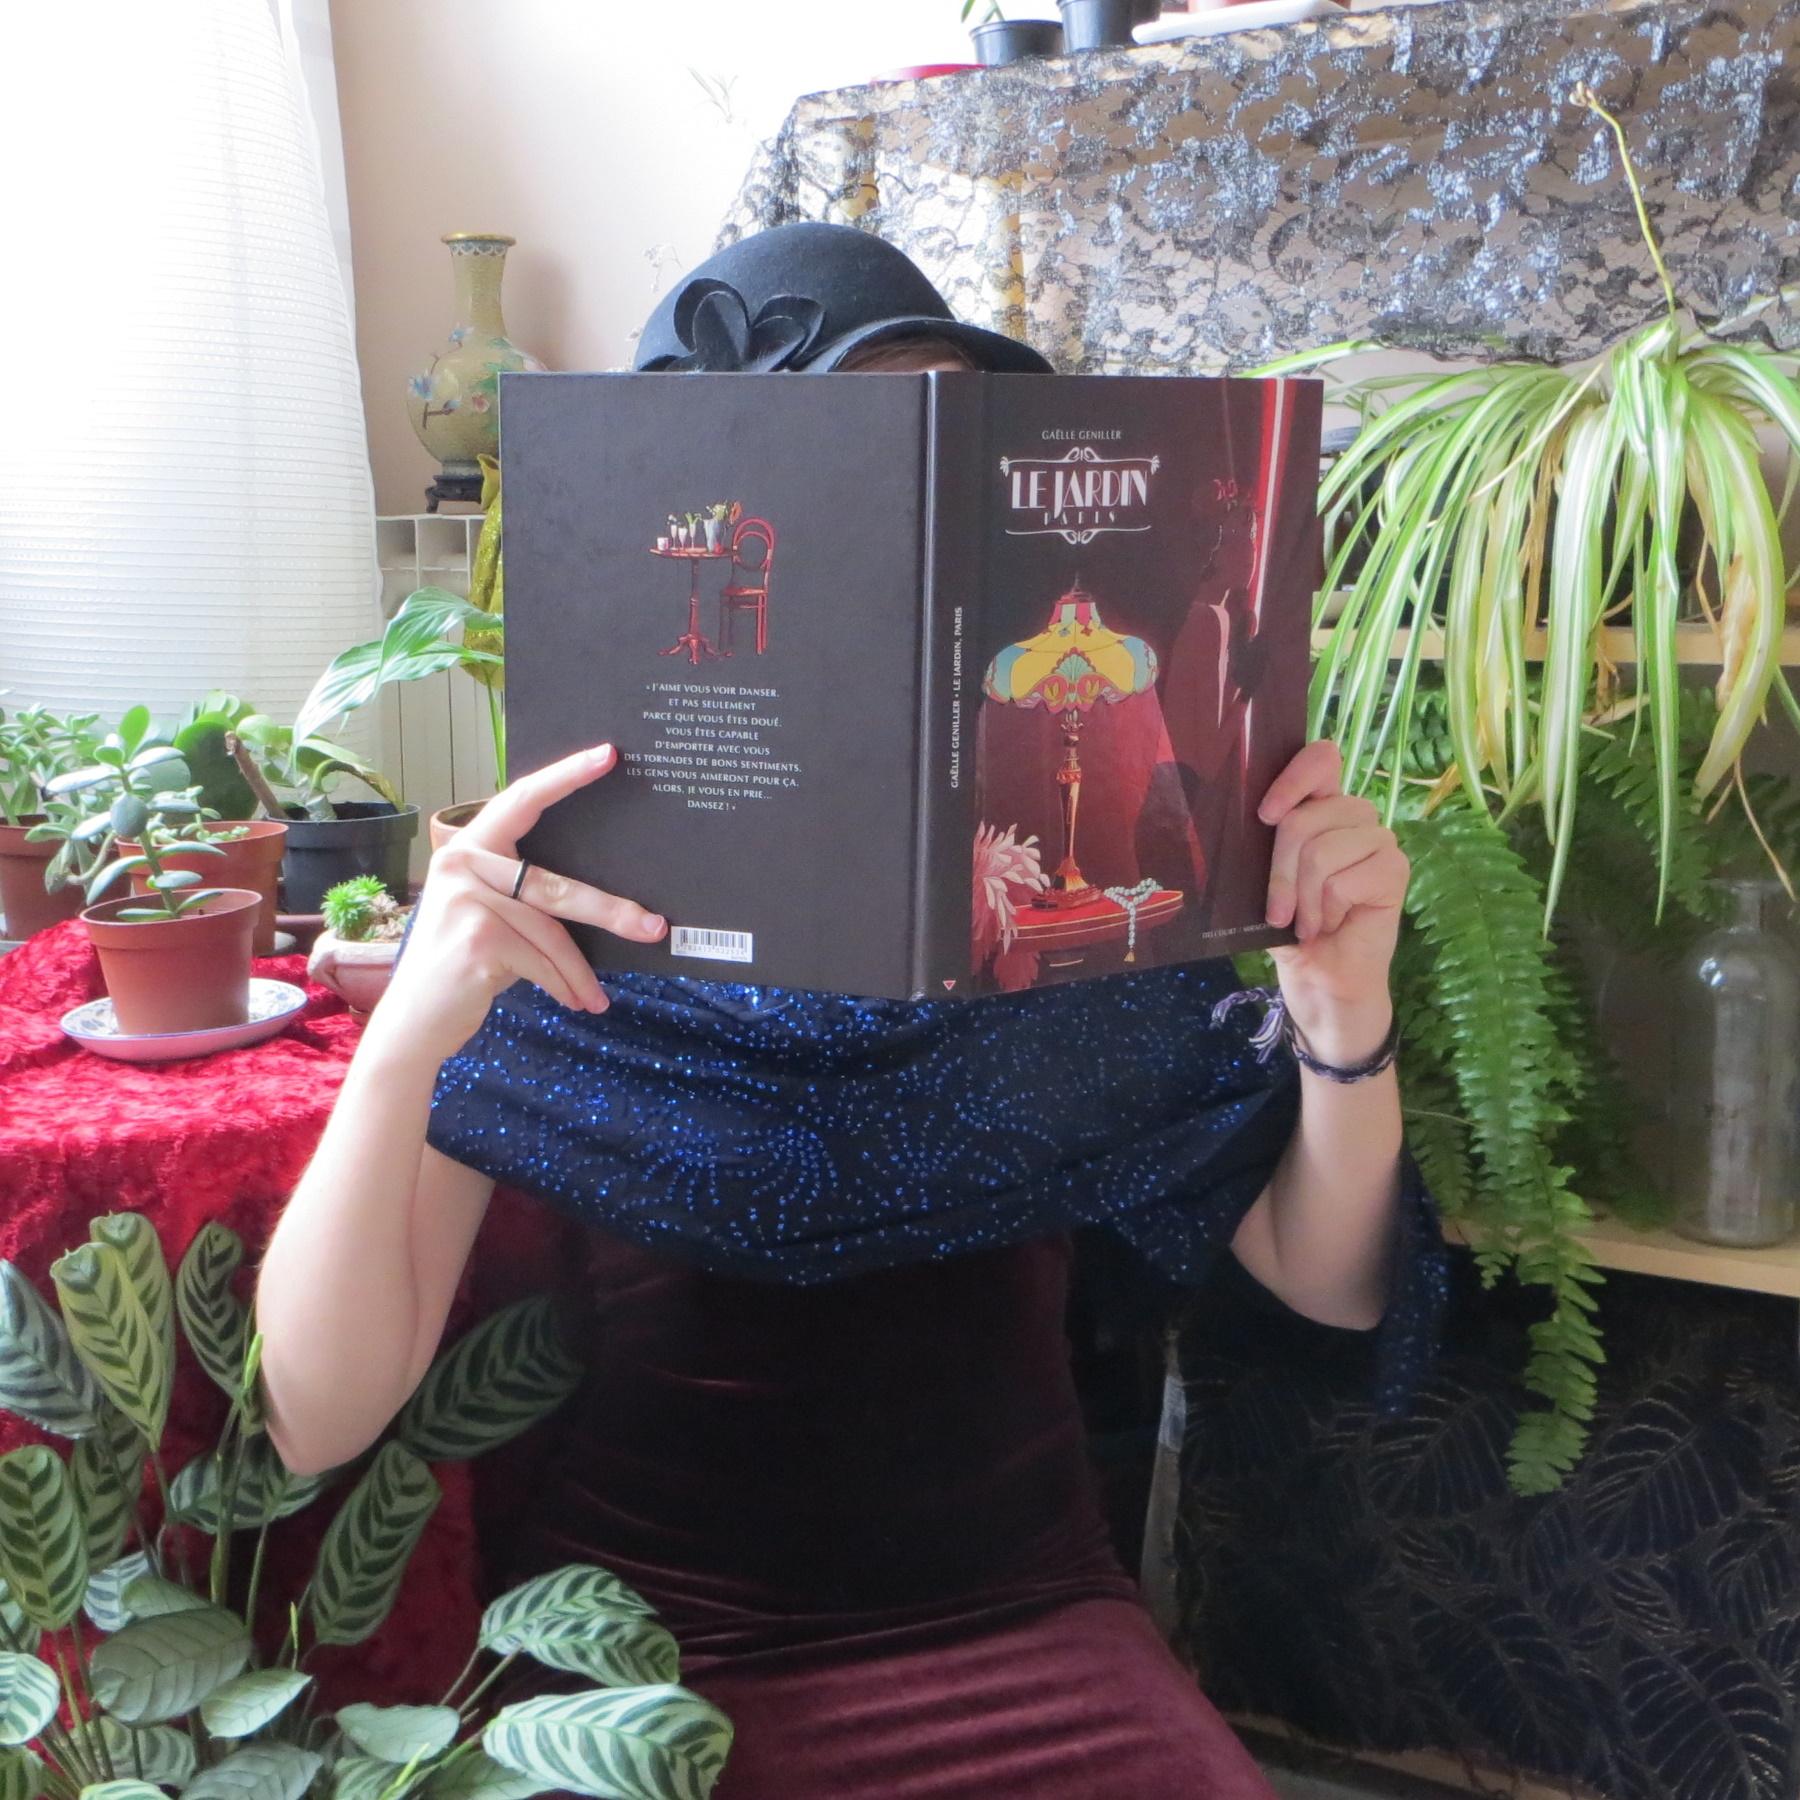 personne en robe à paillettes vintage lisant Le jardin Paris de Gaëlle Geniller devant une table couverte de plantes